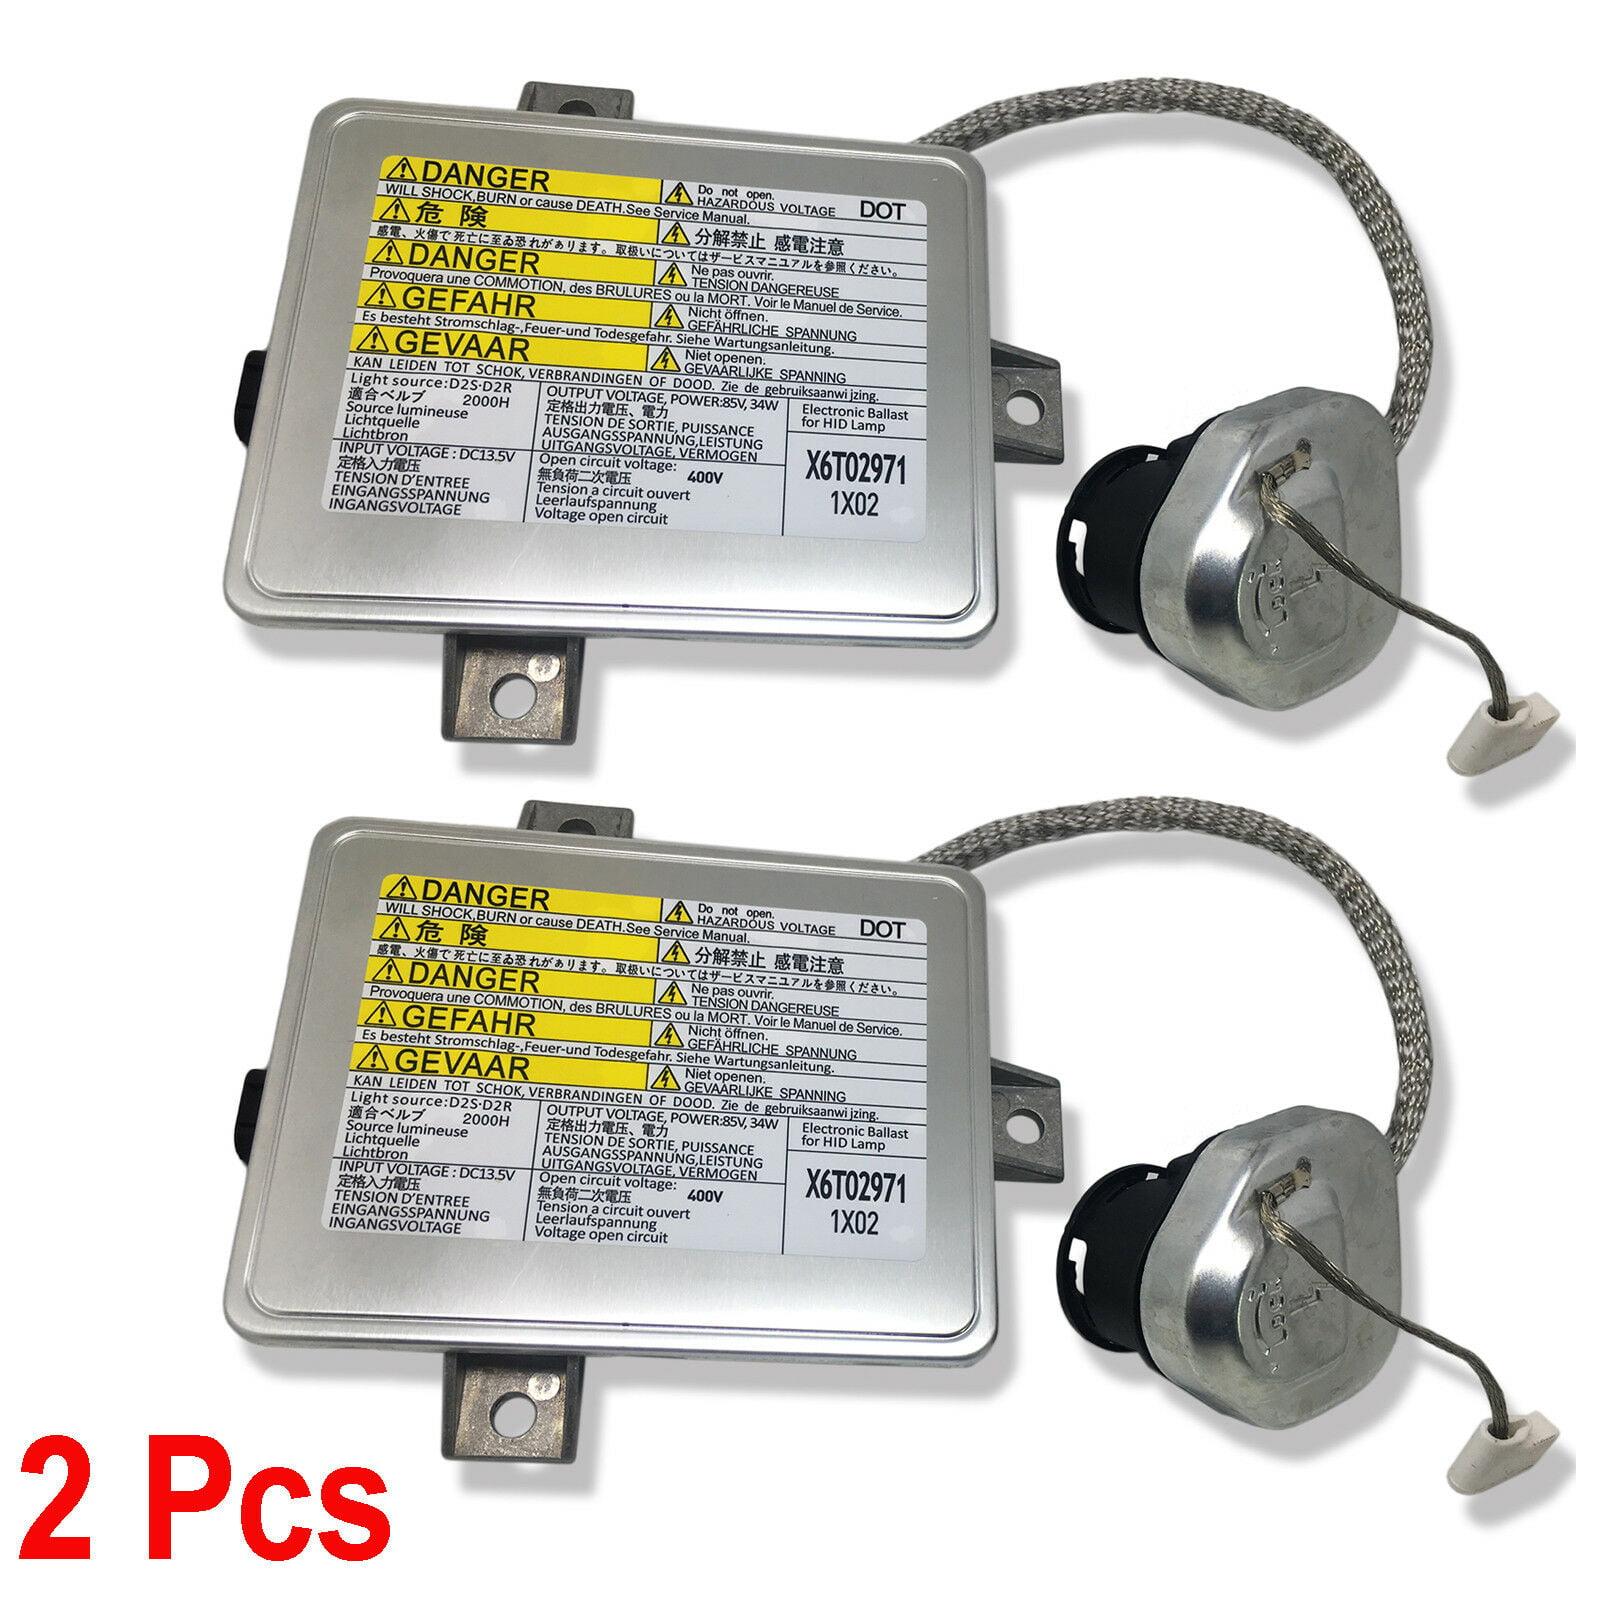 2 X For Acura TSX 2004-05, TL 2002-05 Xenon Ballast HID